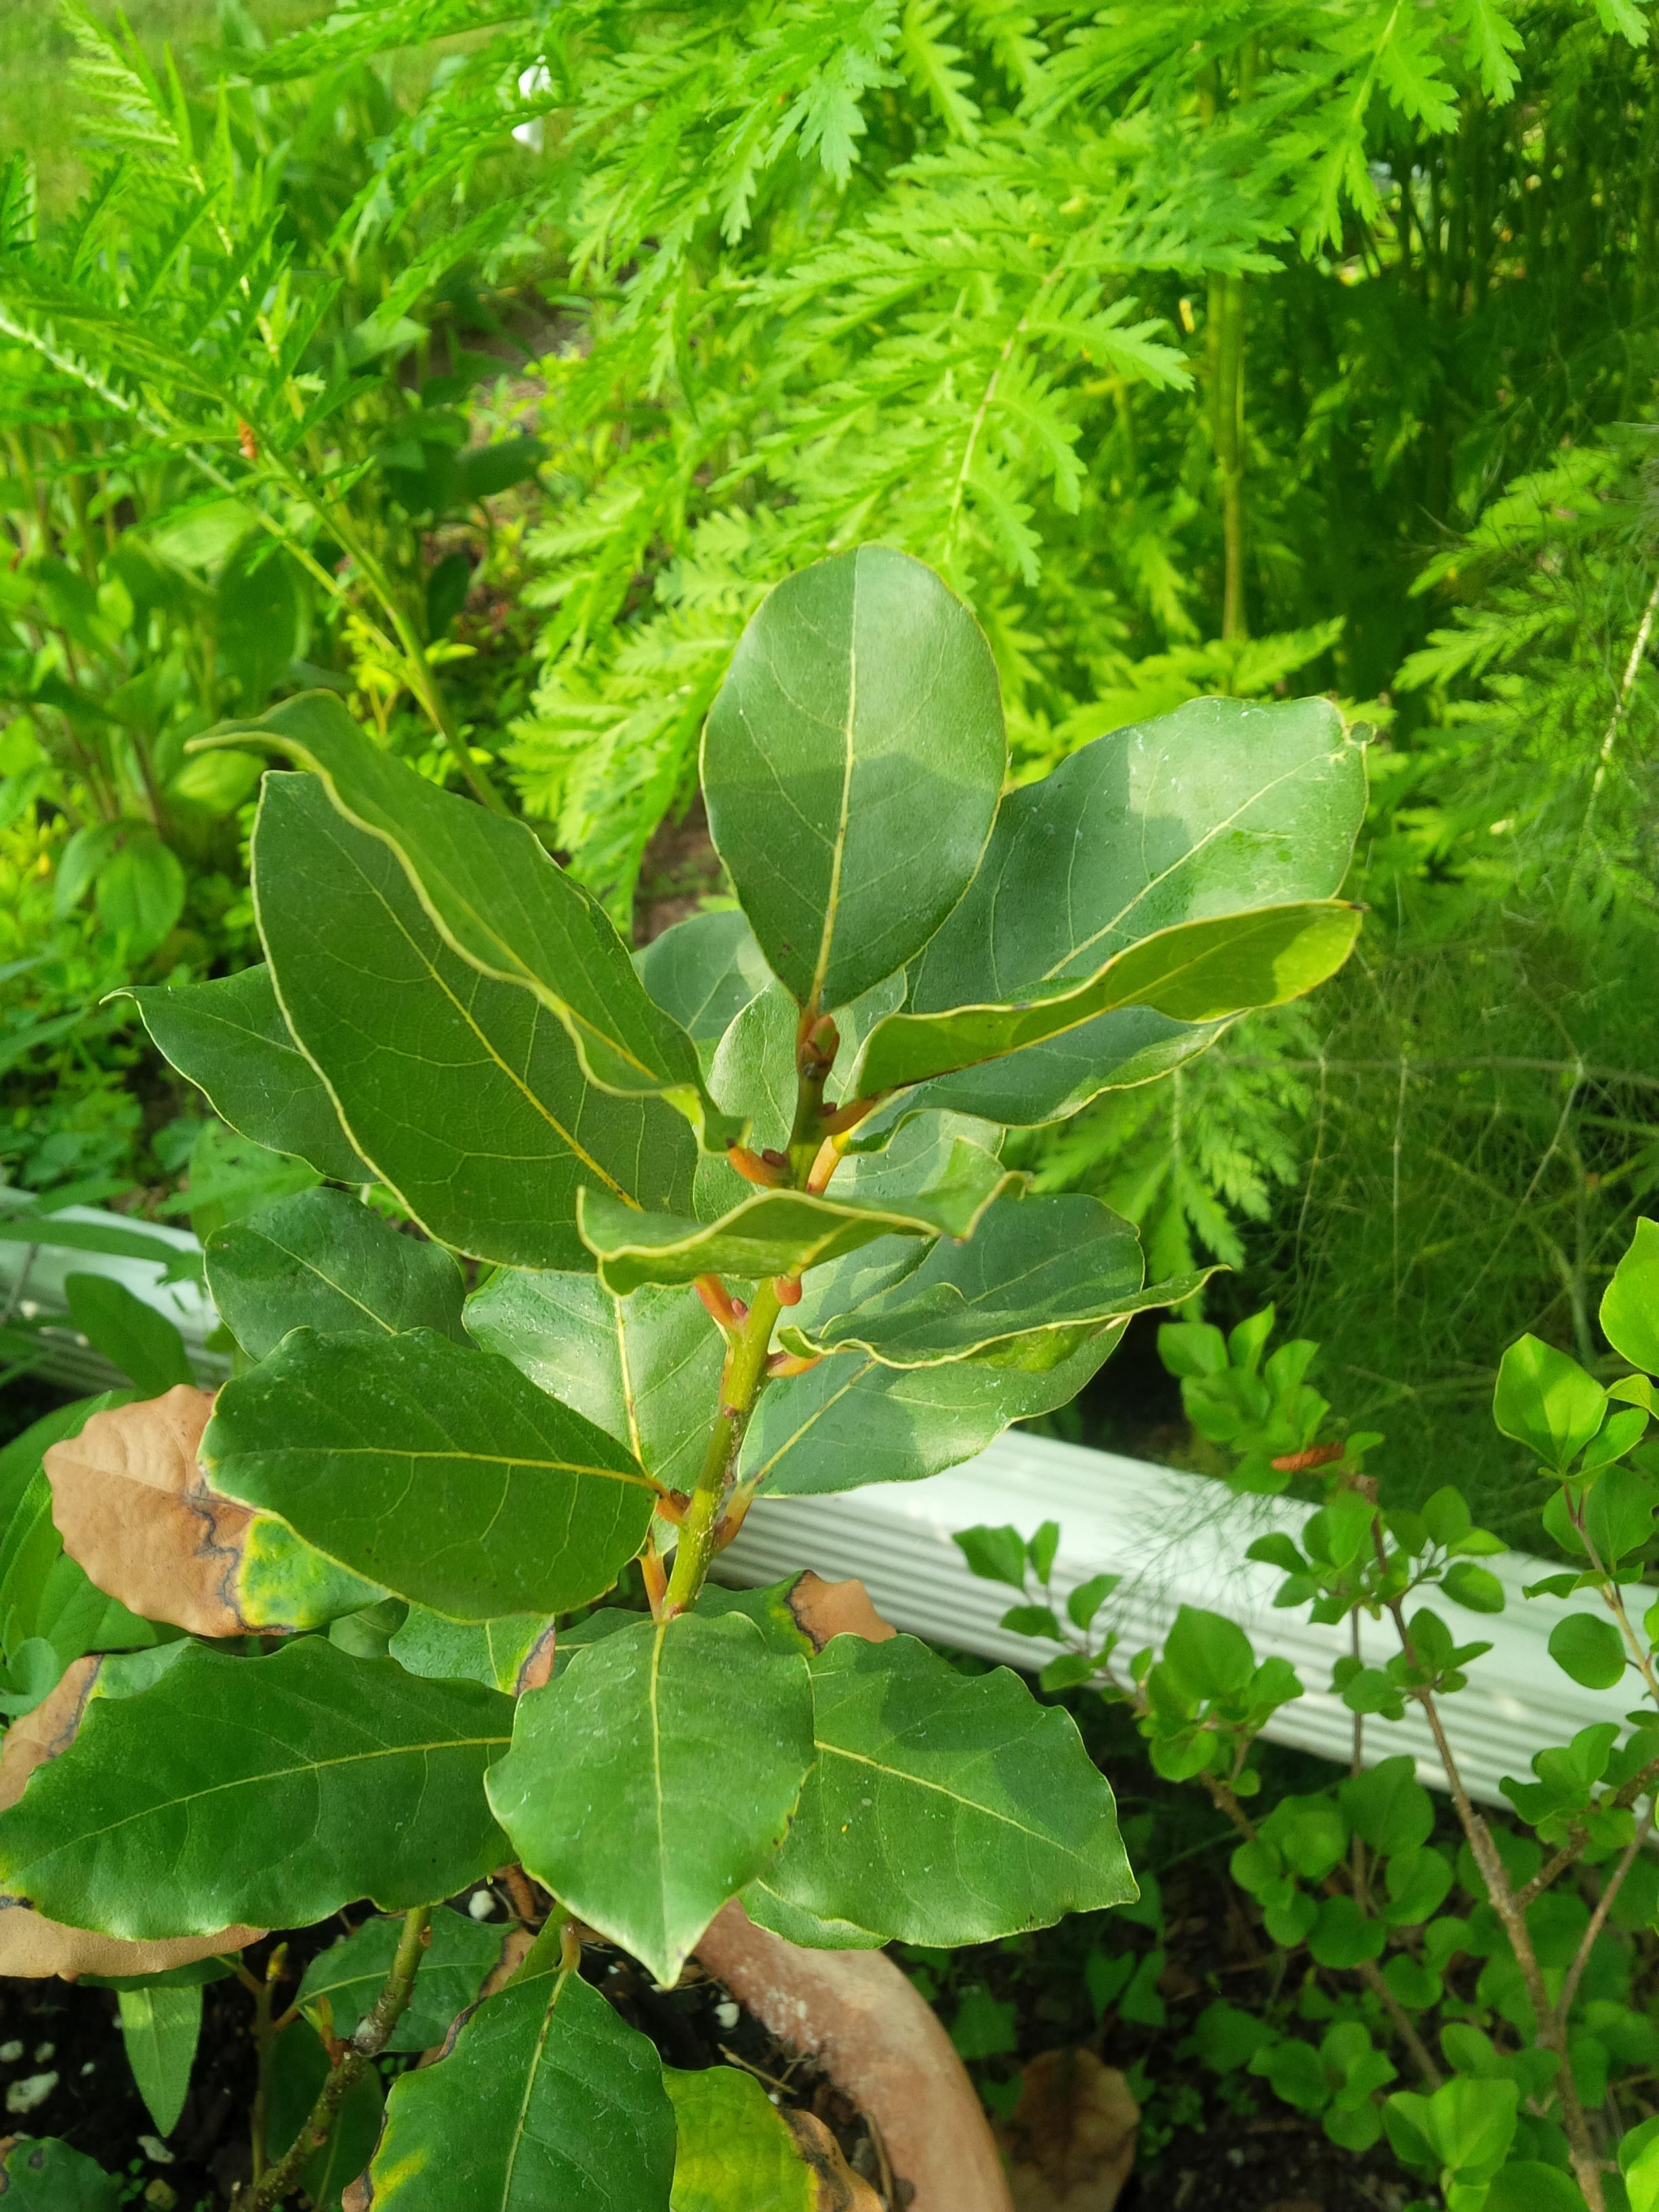 Herbs, Azores Laurel